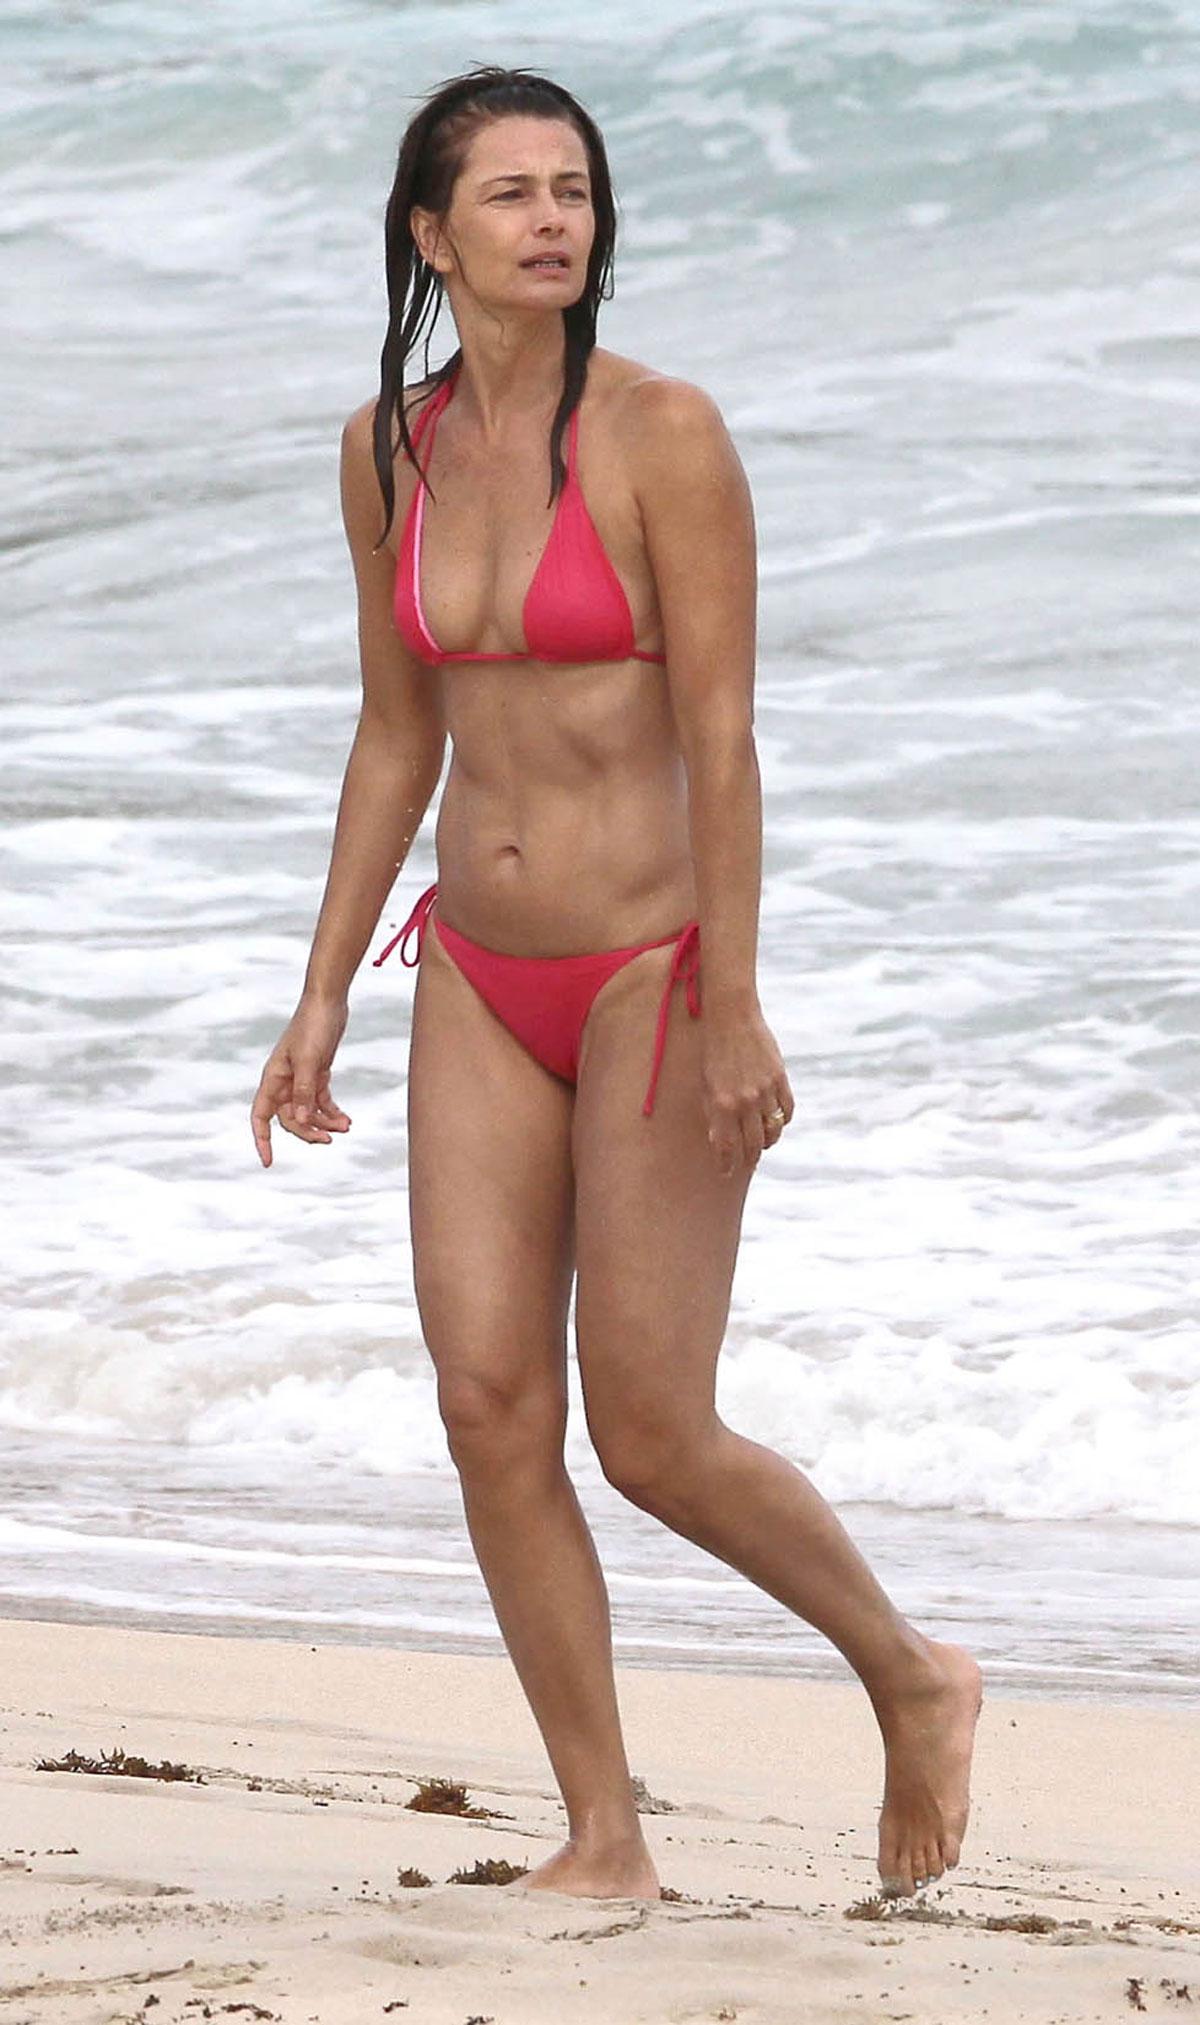 Bikini Paulina Porizkova naked (92 photos), Paparazzi